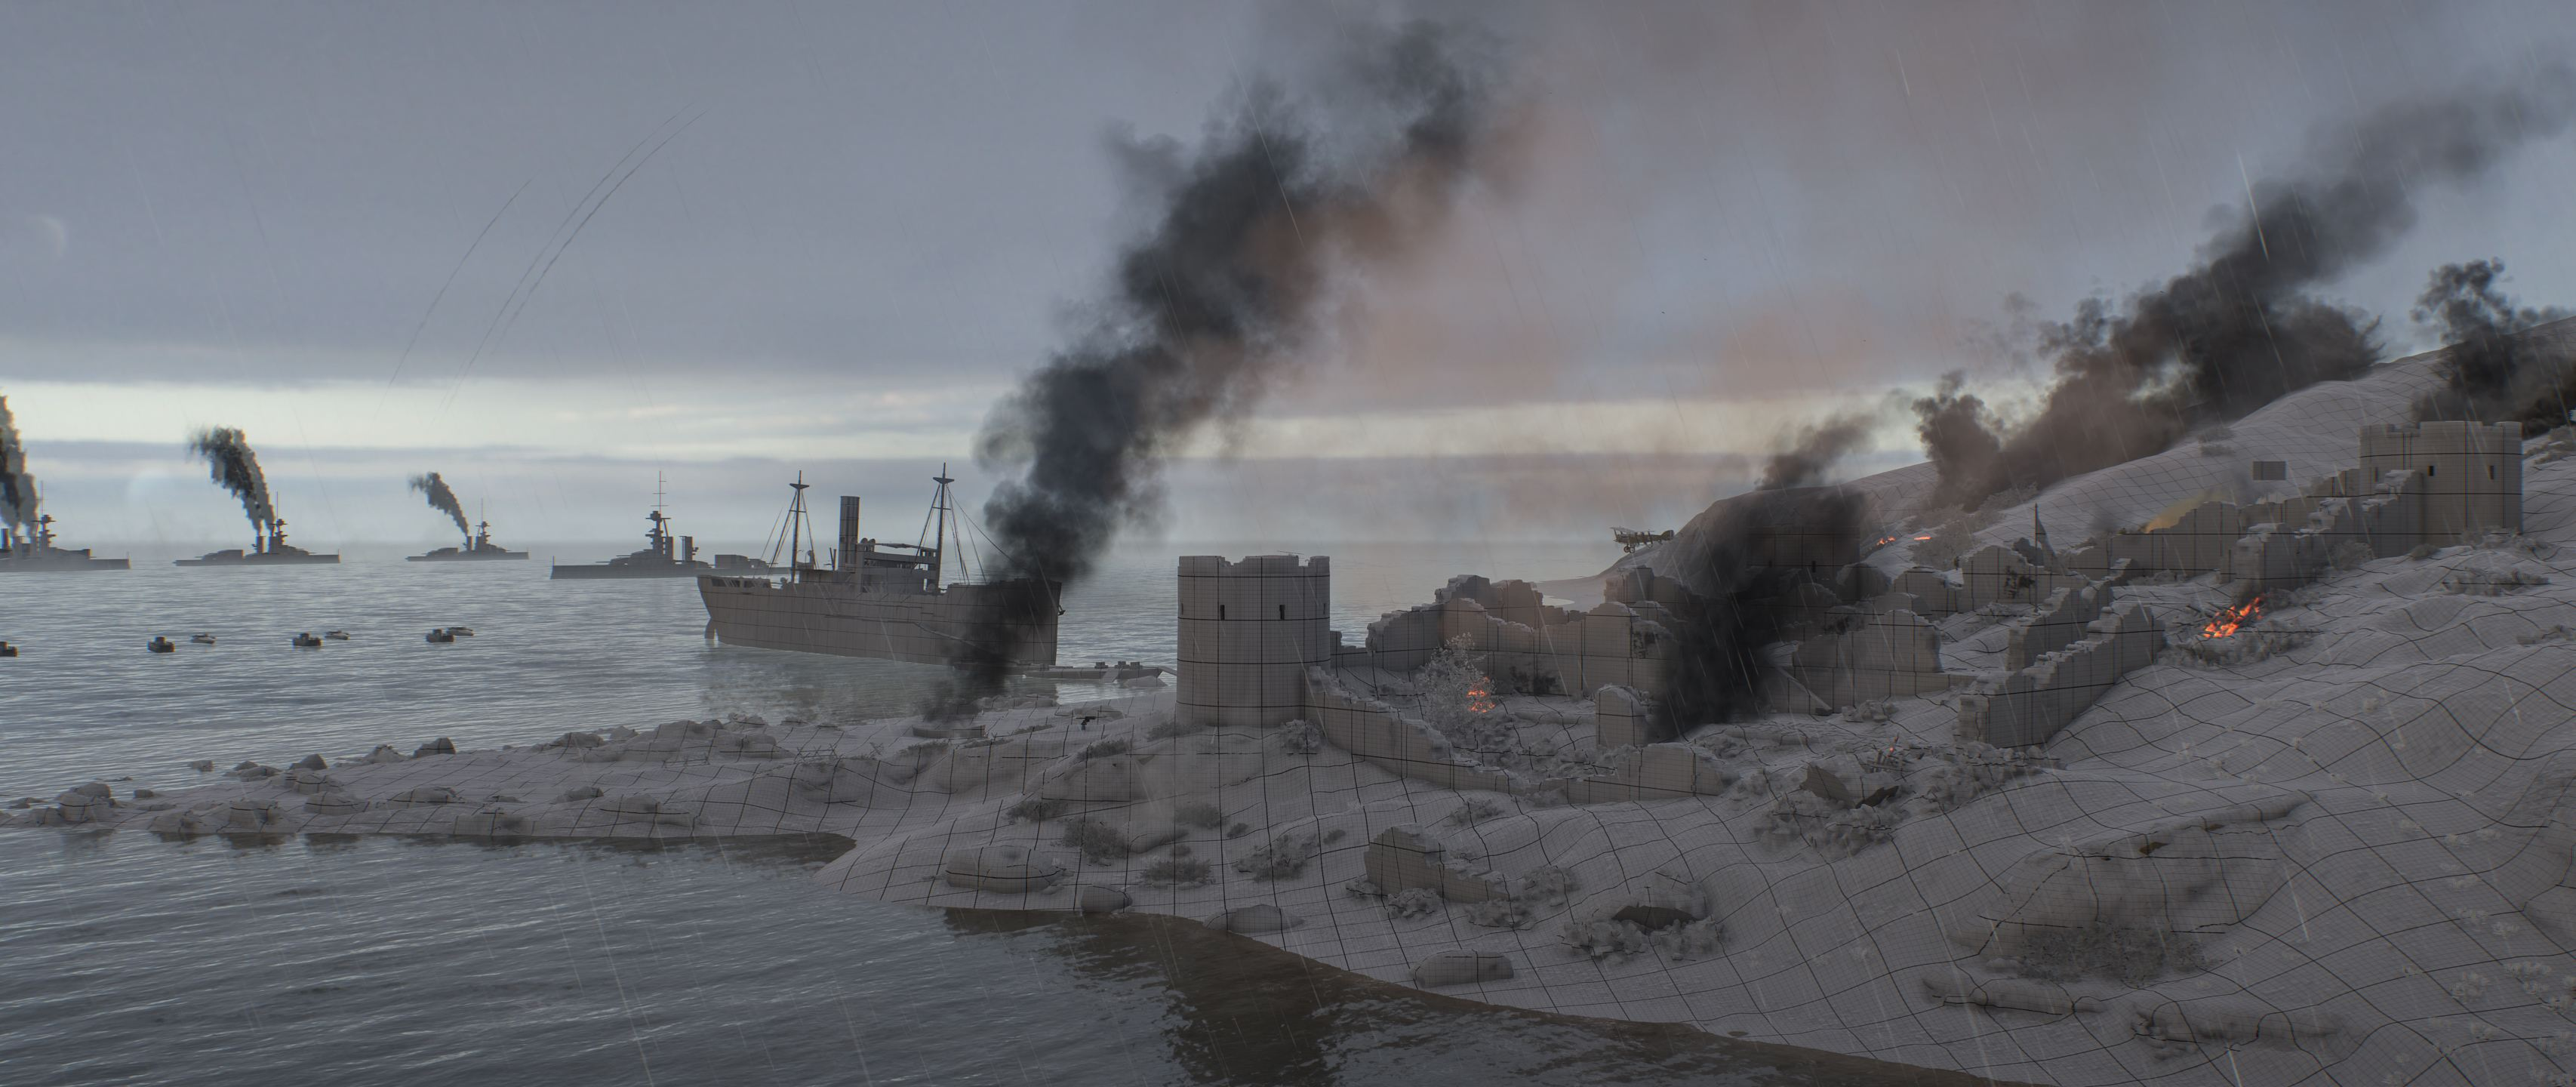 Battlefiled 1. Turning Tides - Мыс Геллес - Battlefield 1 DLC, Арт